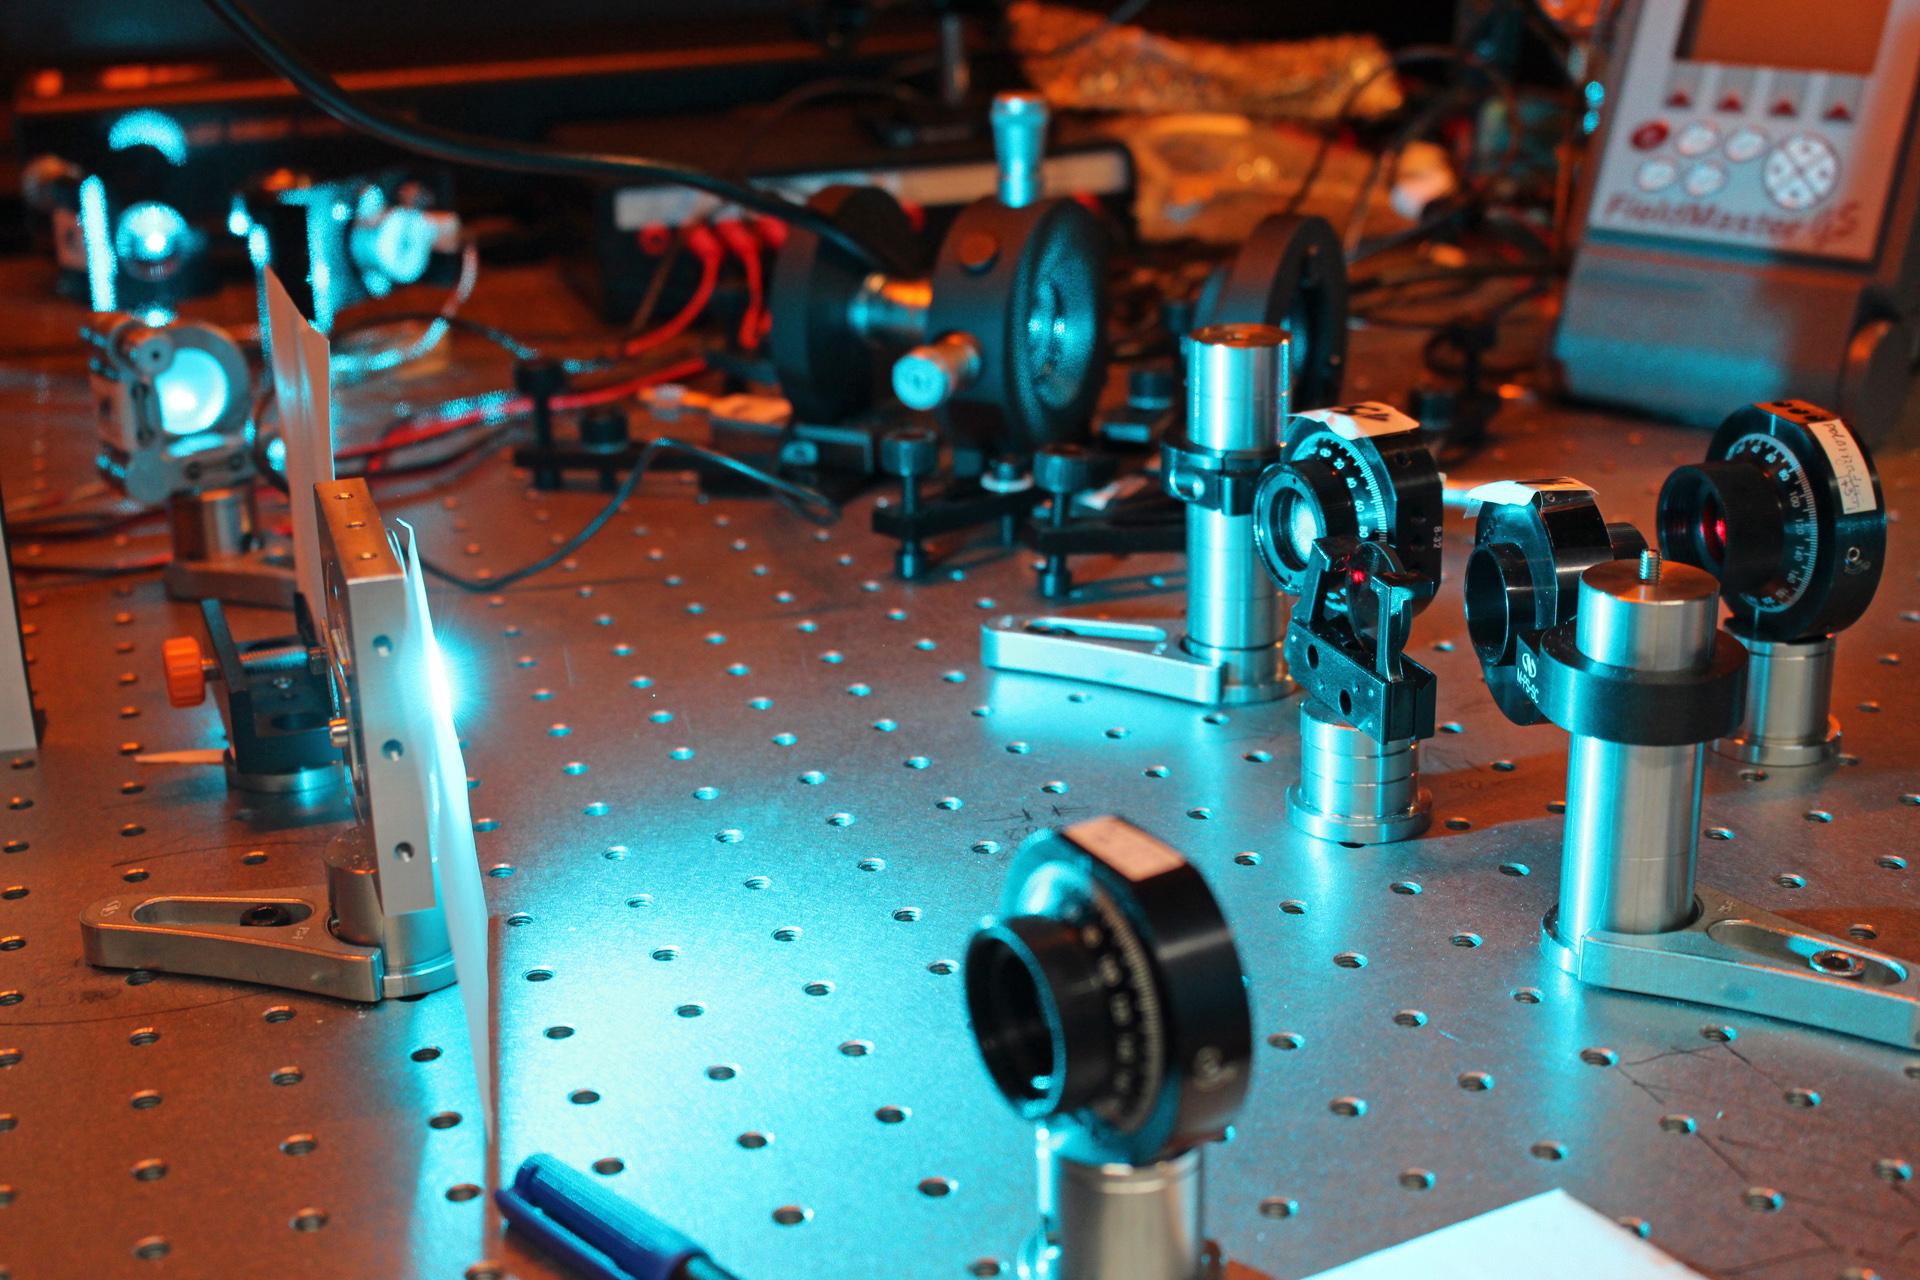 Spezieller Laser-Aufbau im Labor mit einem blauen Laser und optischen Linsen.